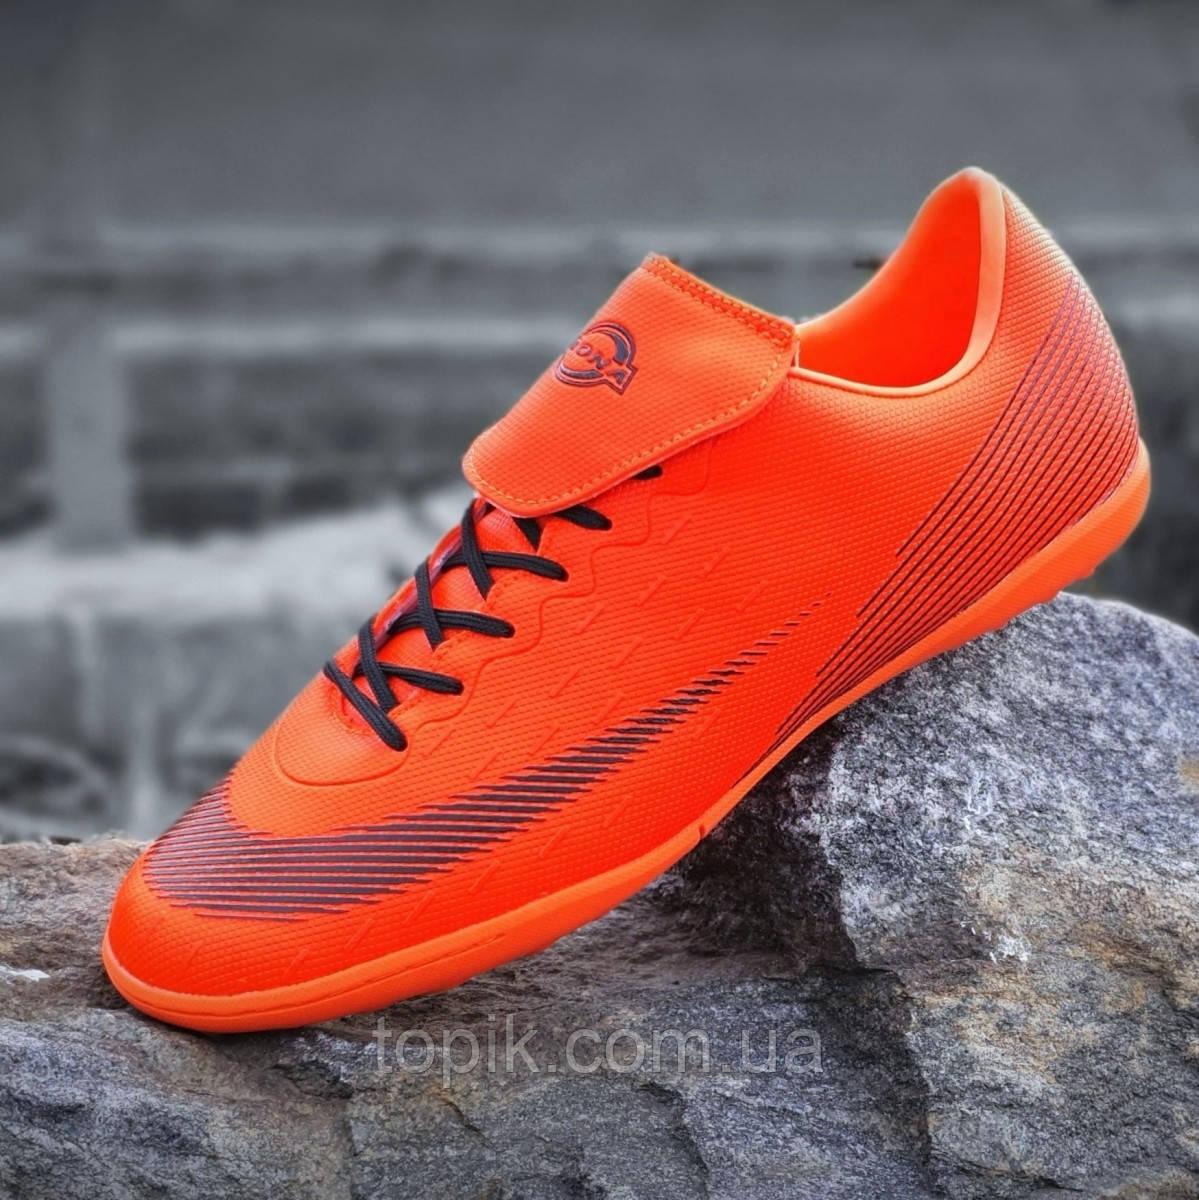 0a73dcad Мужские сороконожки Mercurial, бампы, кроссовки для футбола оранжевые  легкие для зала для улицы (